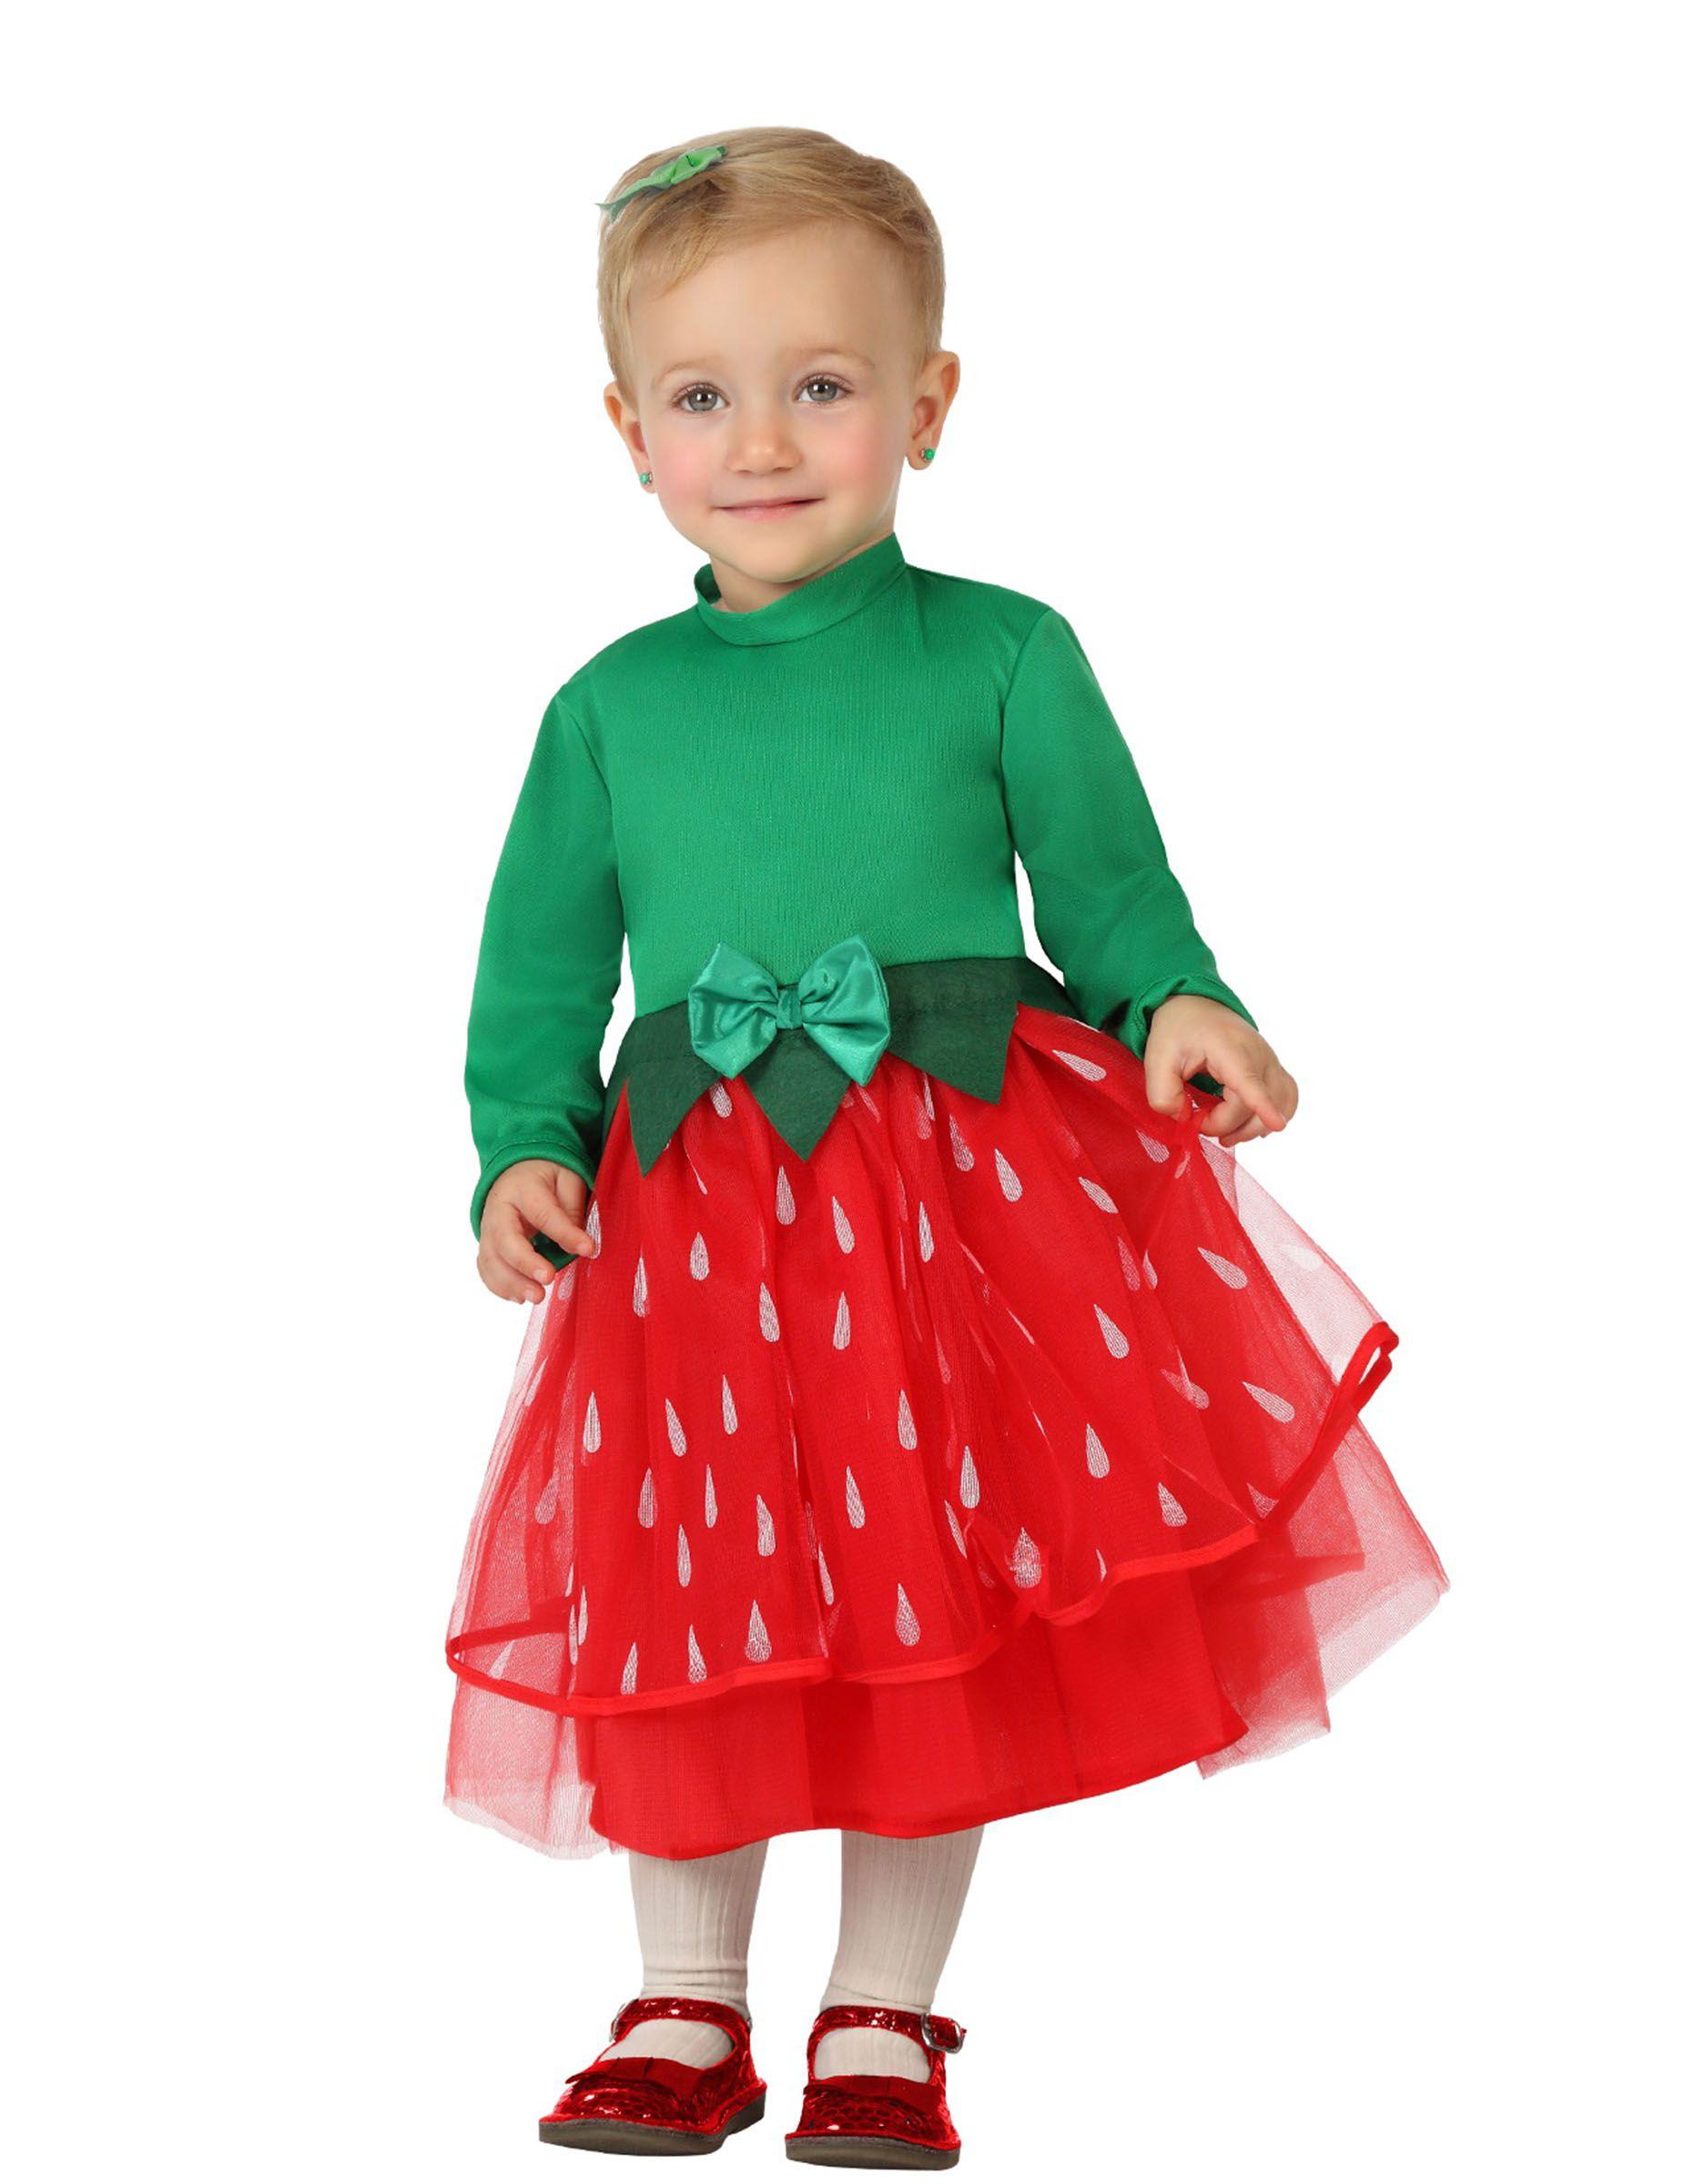 9347477da62f Costume fragola bambina: Questo costume da fragola rosso e verde per bambina  (cerchietto,